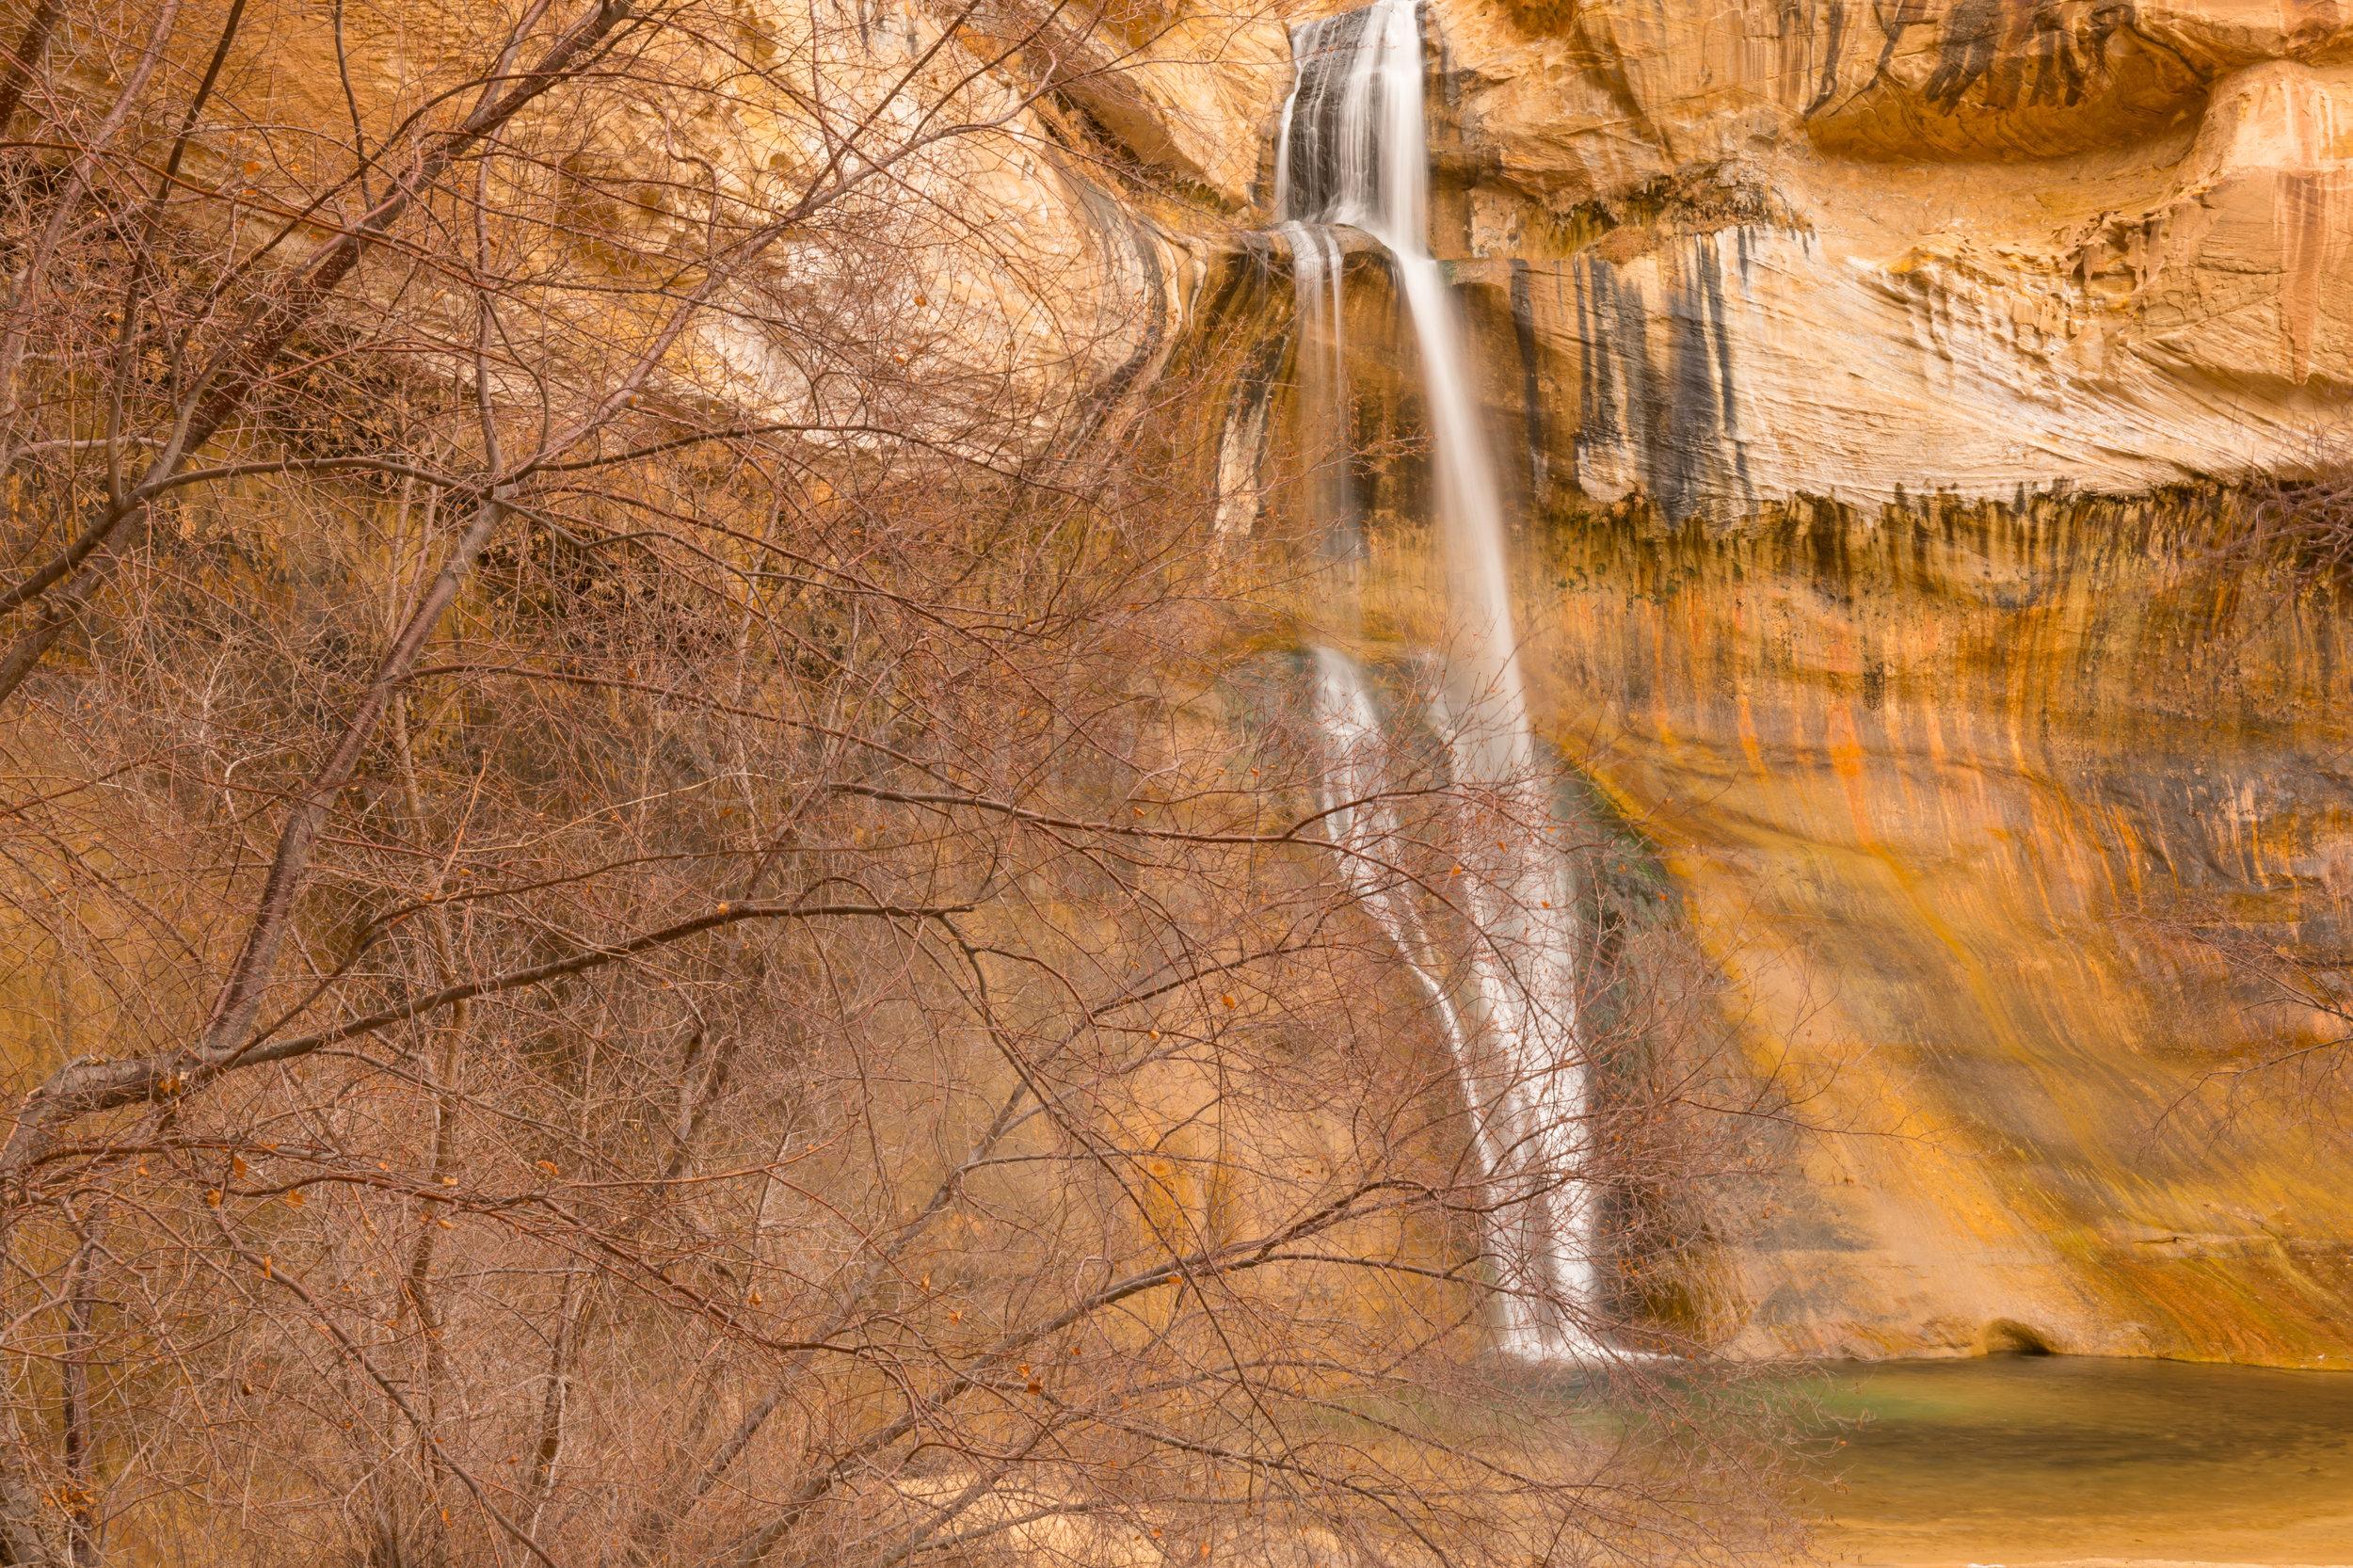 Lower Calf Creek Falls, Image # 3622